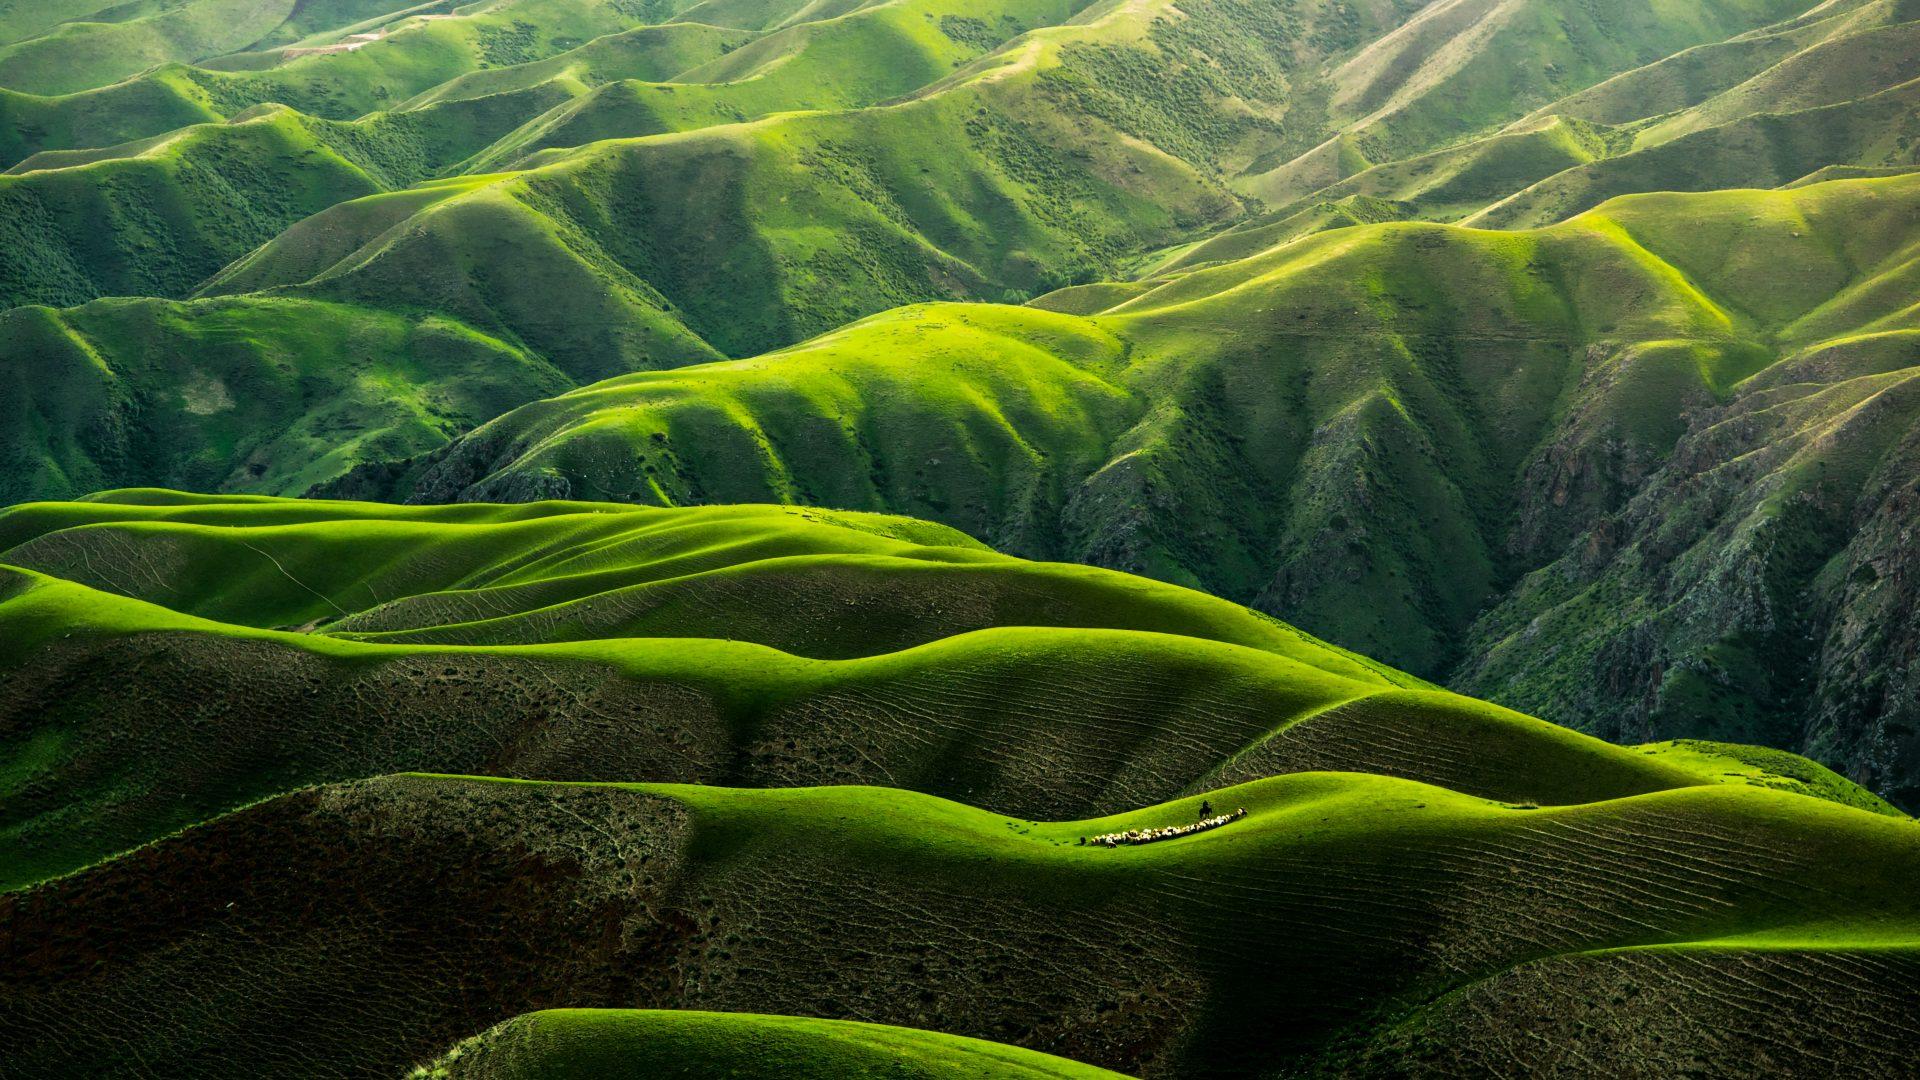 Green landscape hills 4k wallpaper best wallpapers - Home screen full hd wallpaper ...